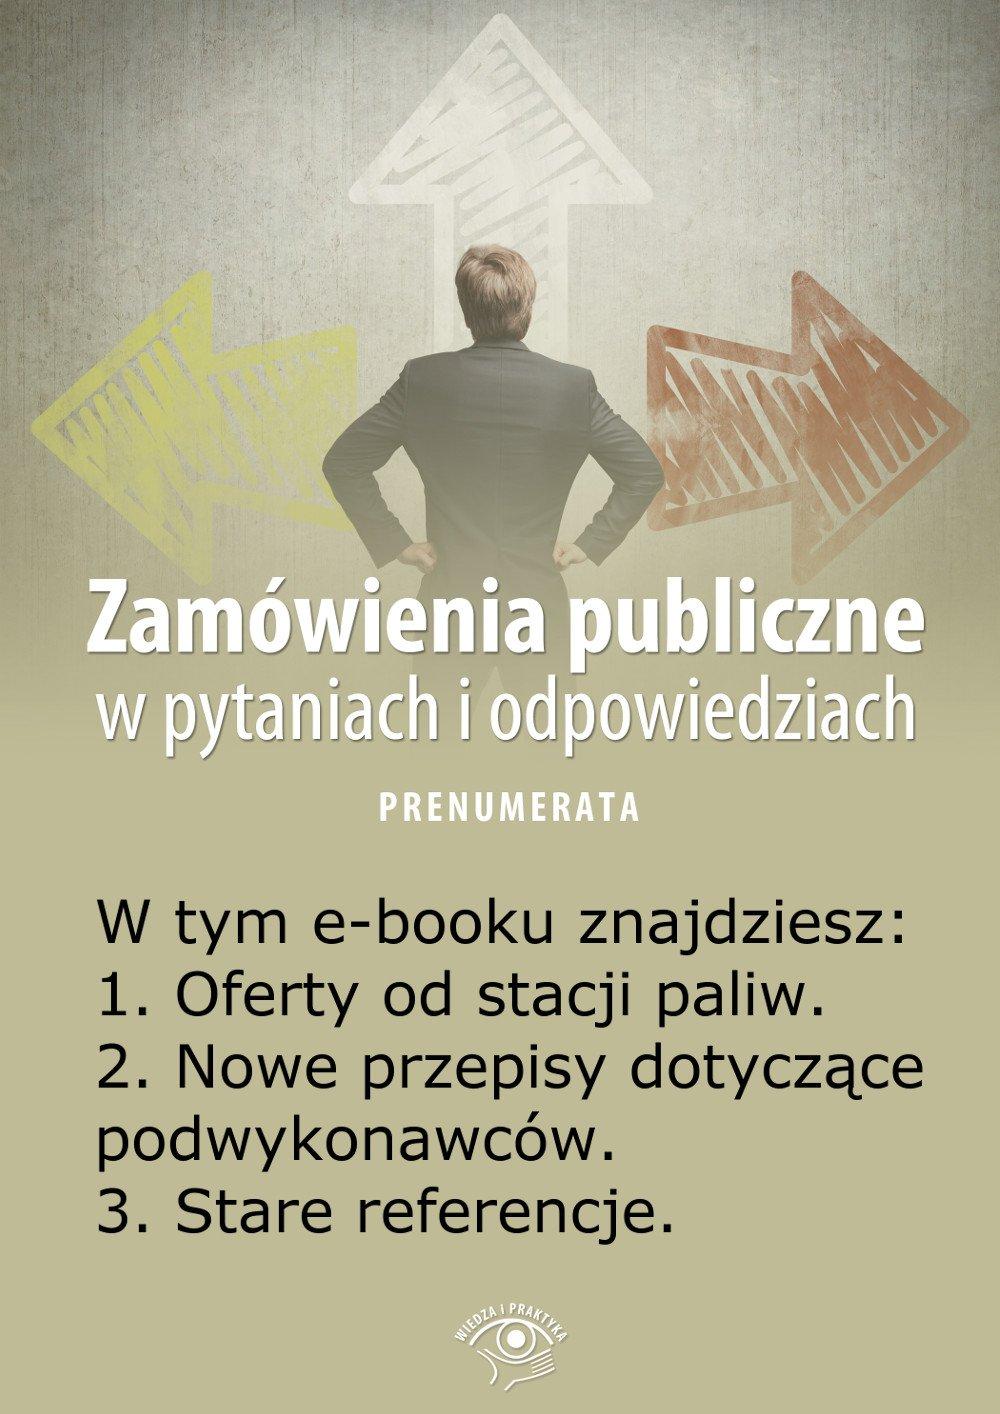 Zamówienia publiczne w pytaniach i odpowiedziach. Wydanie marzec 2014 r. - Ebook (Książka EPUB) do pobrania w formacie EPUB